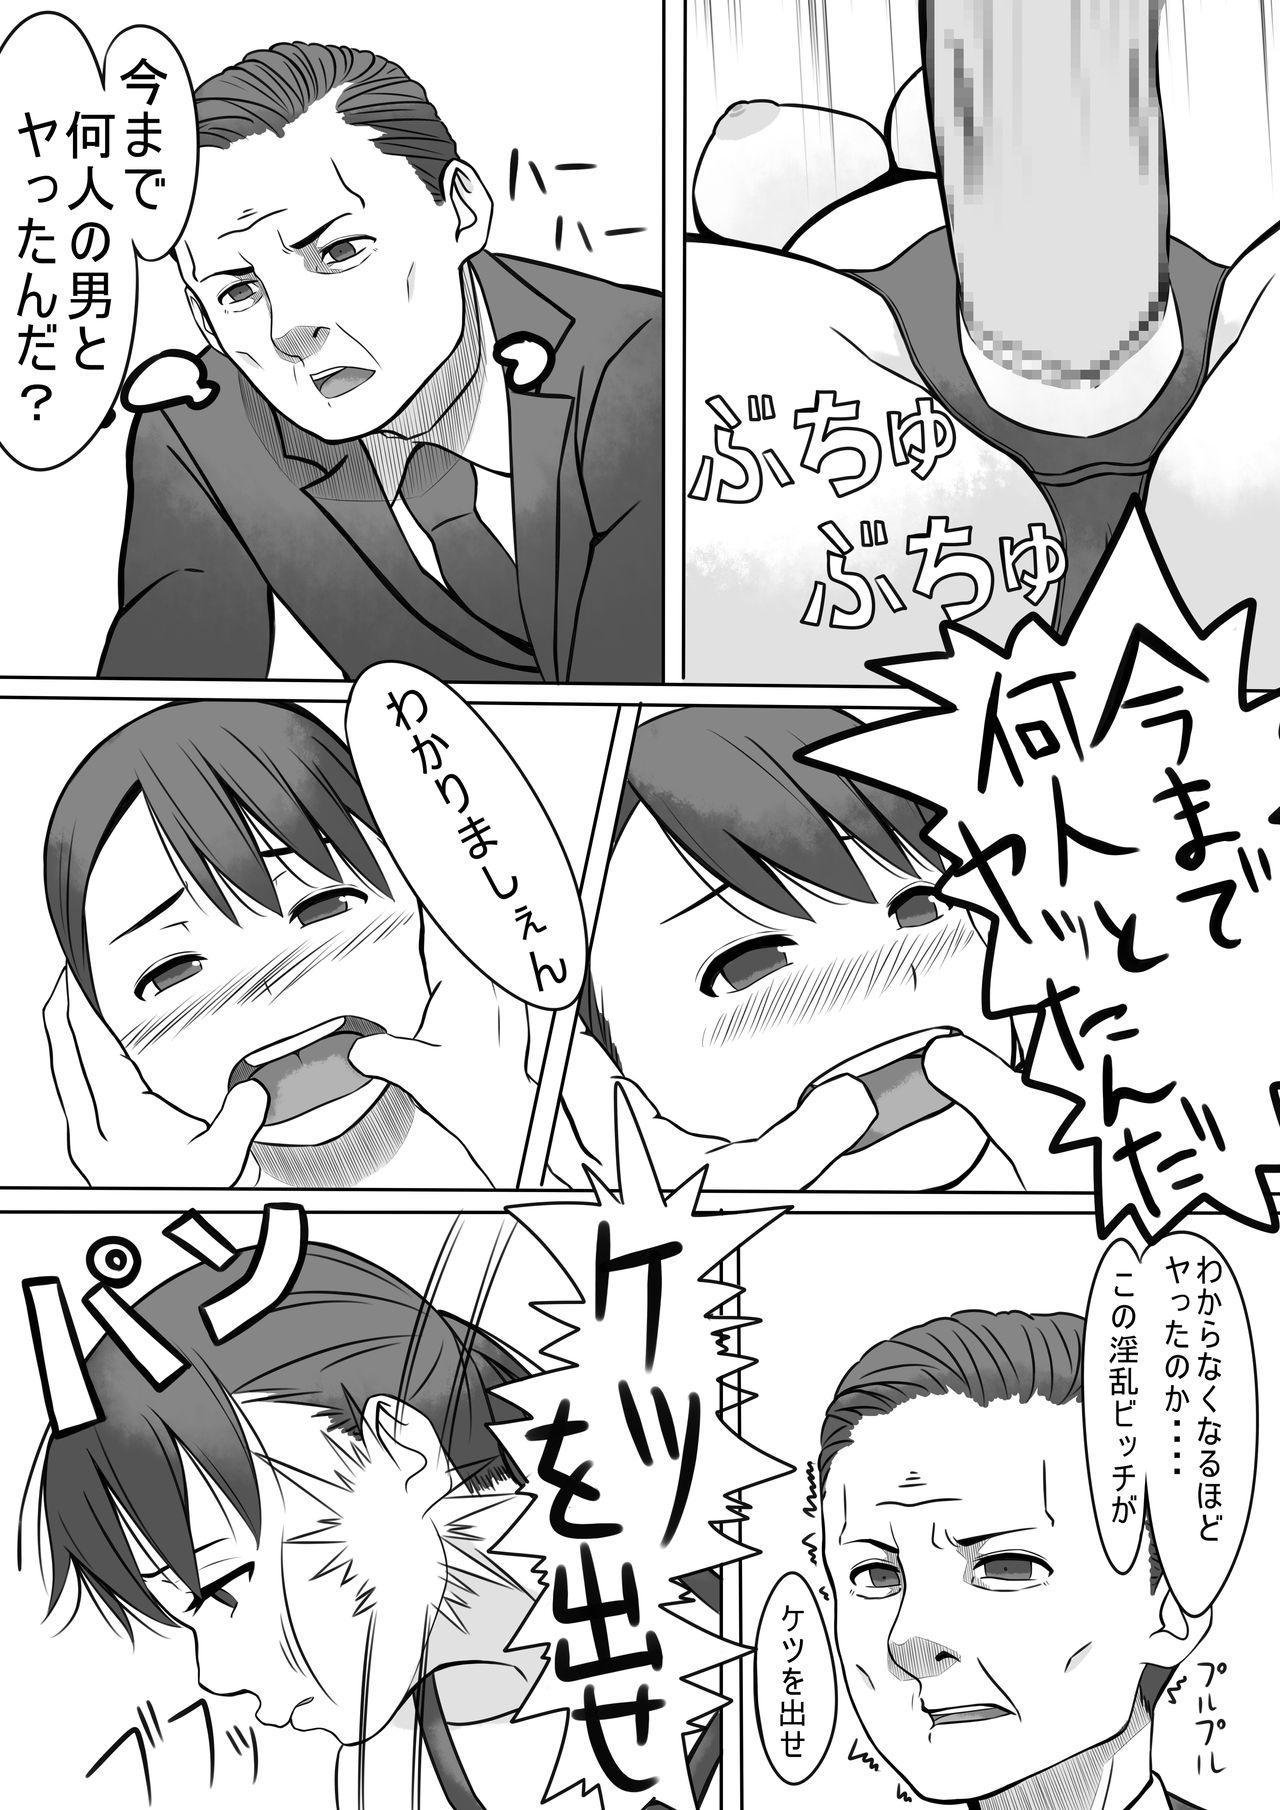 Seishori Gakari no Seiko-san 2 17